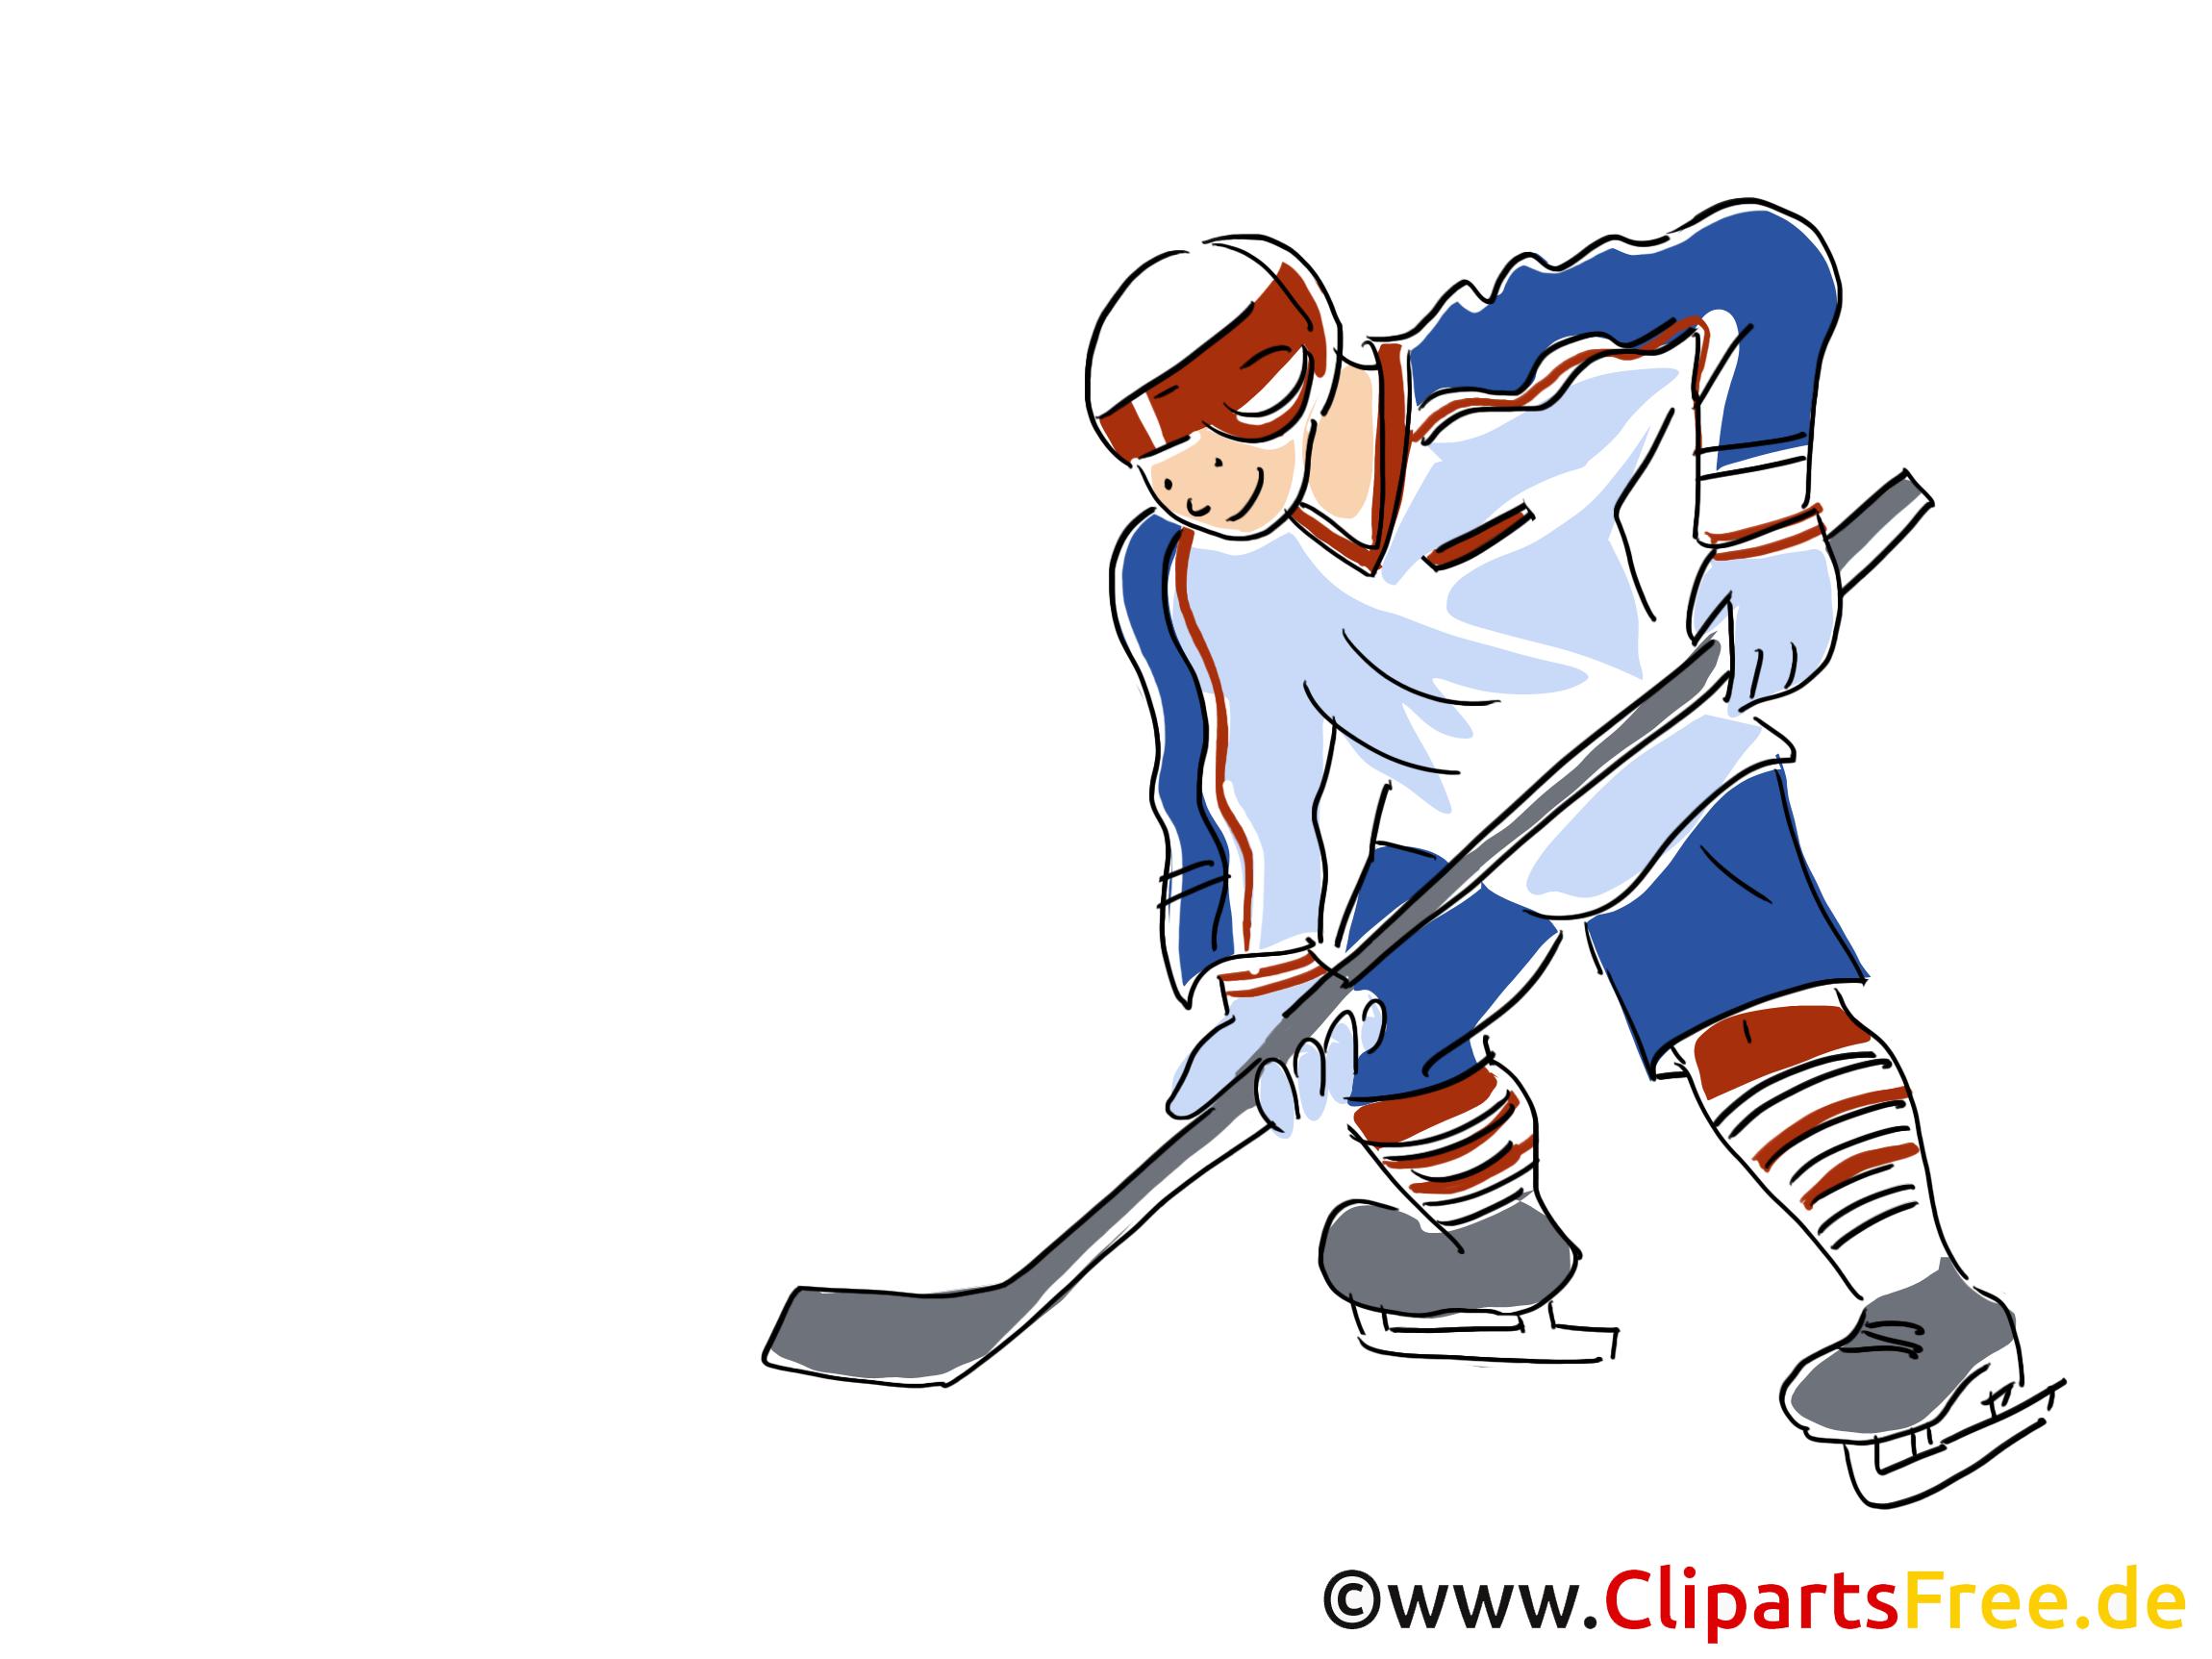 Joueur clip art gratuit - Hockey dessin